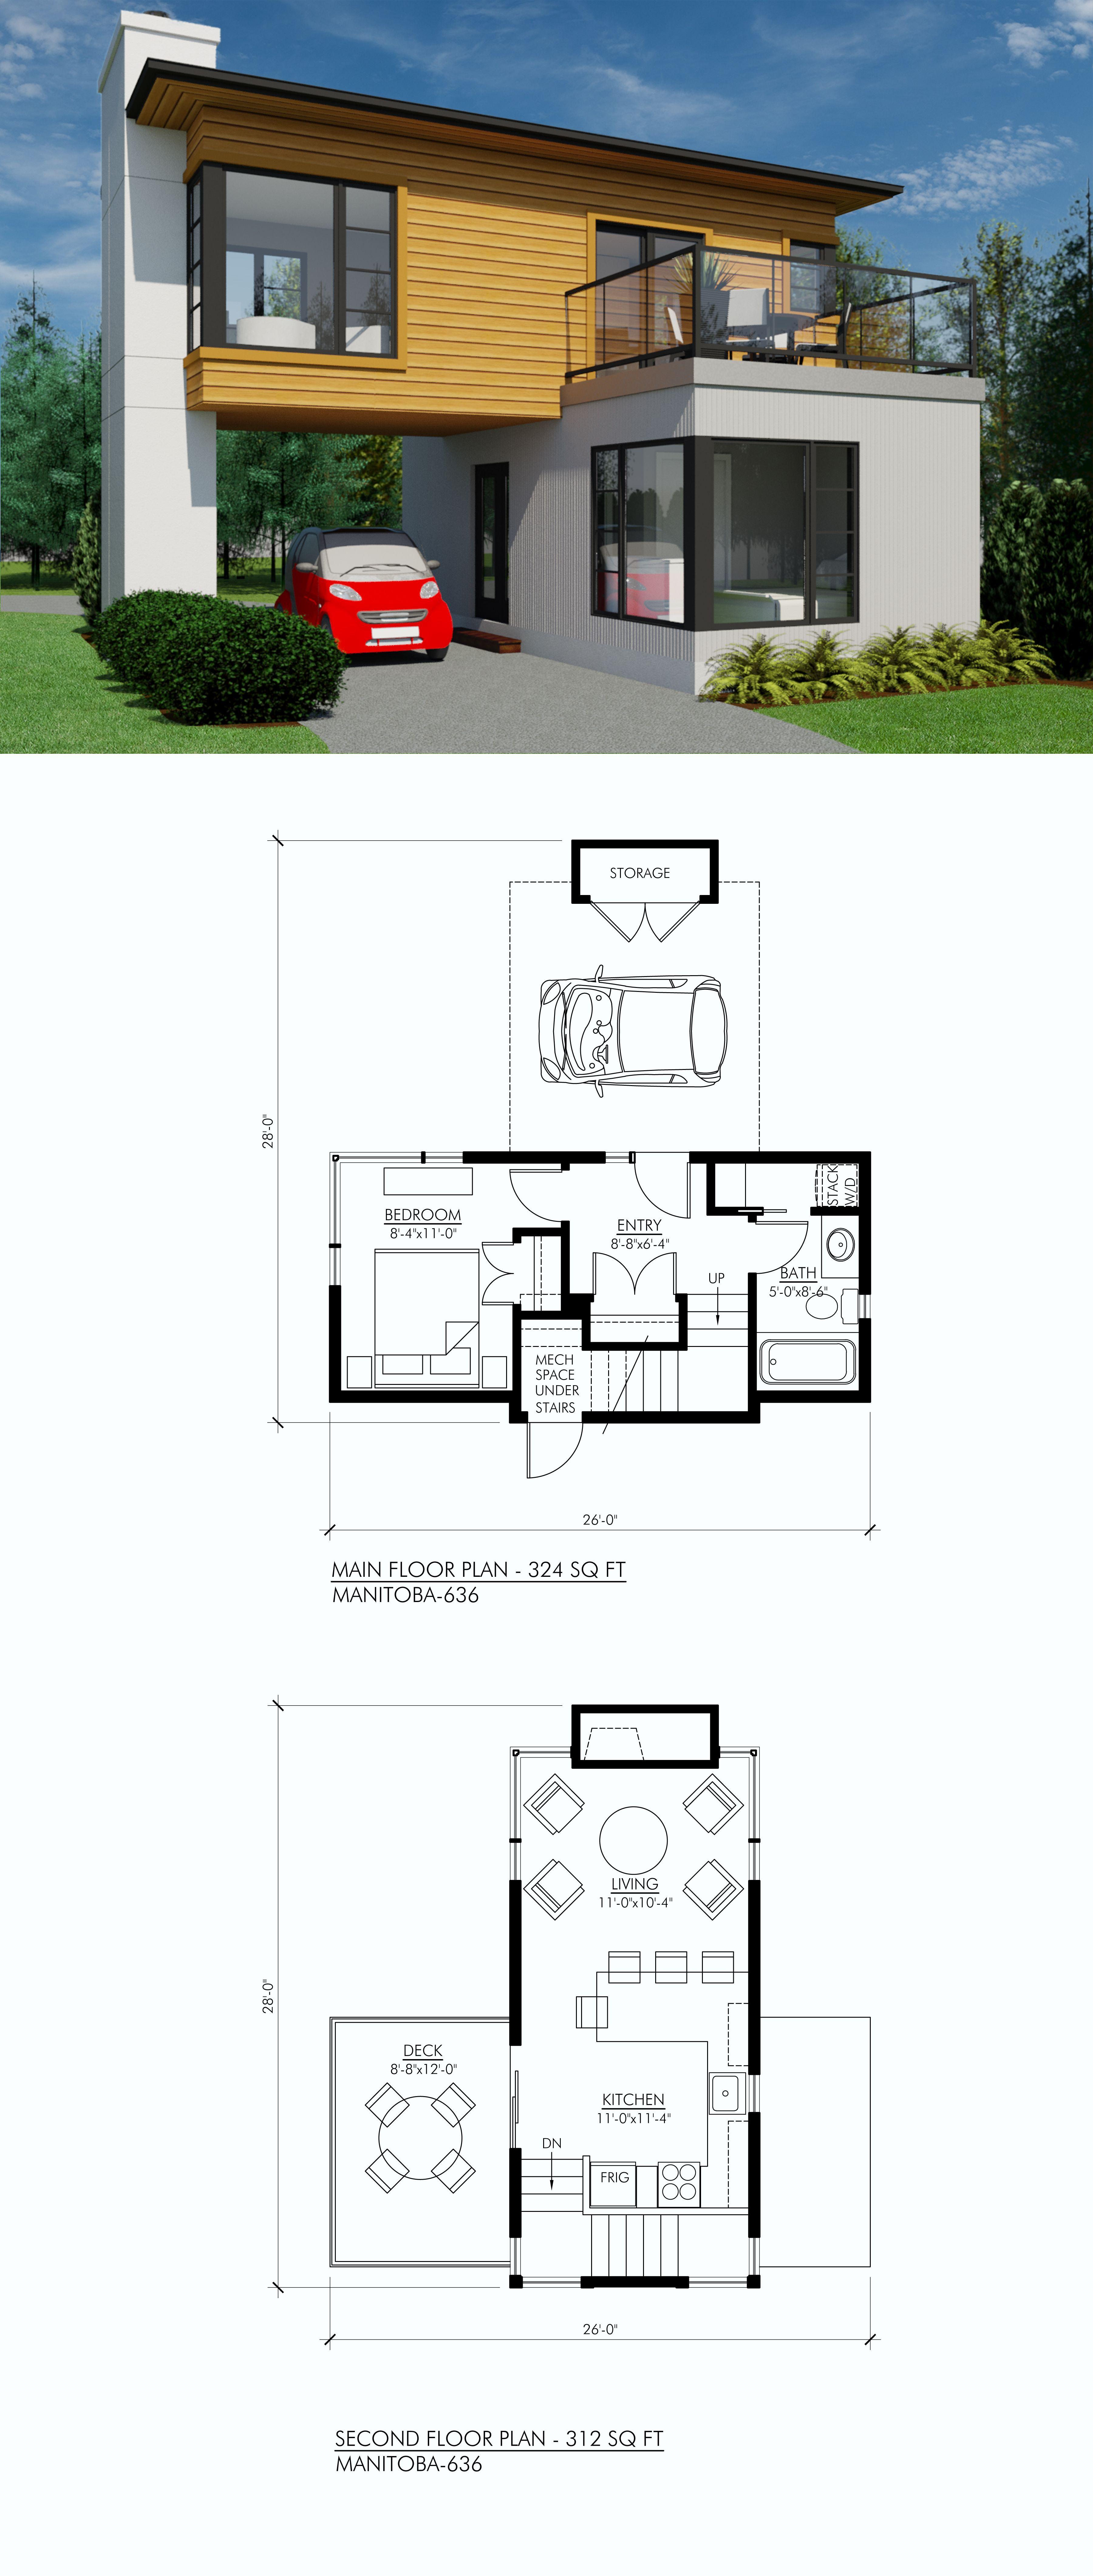 Manitoba-636 | Grundrisse, Architektur und Container häuser